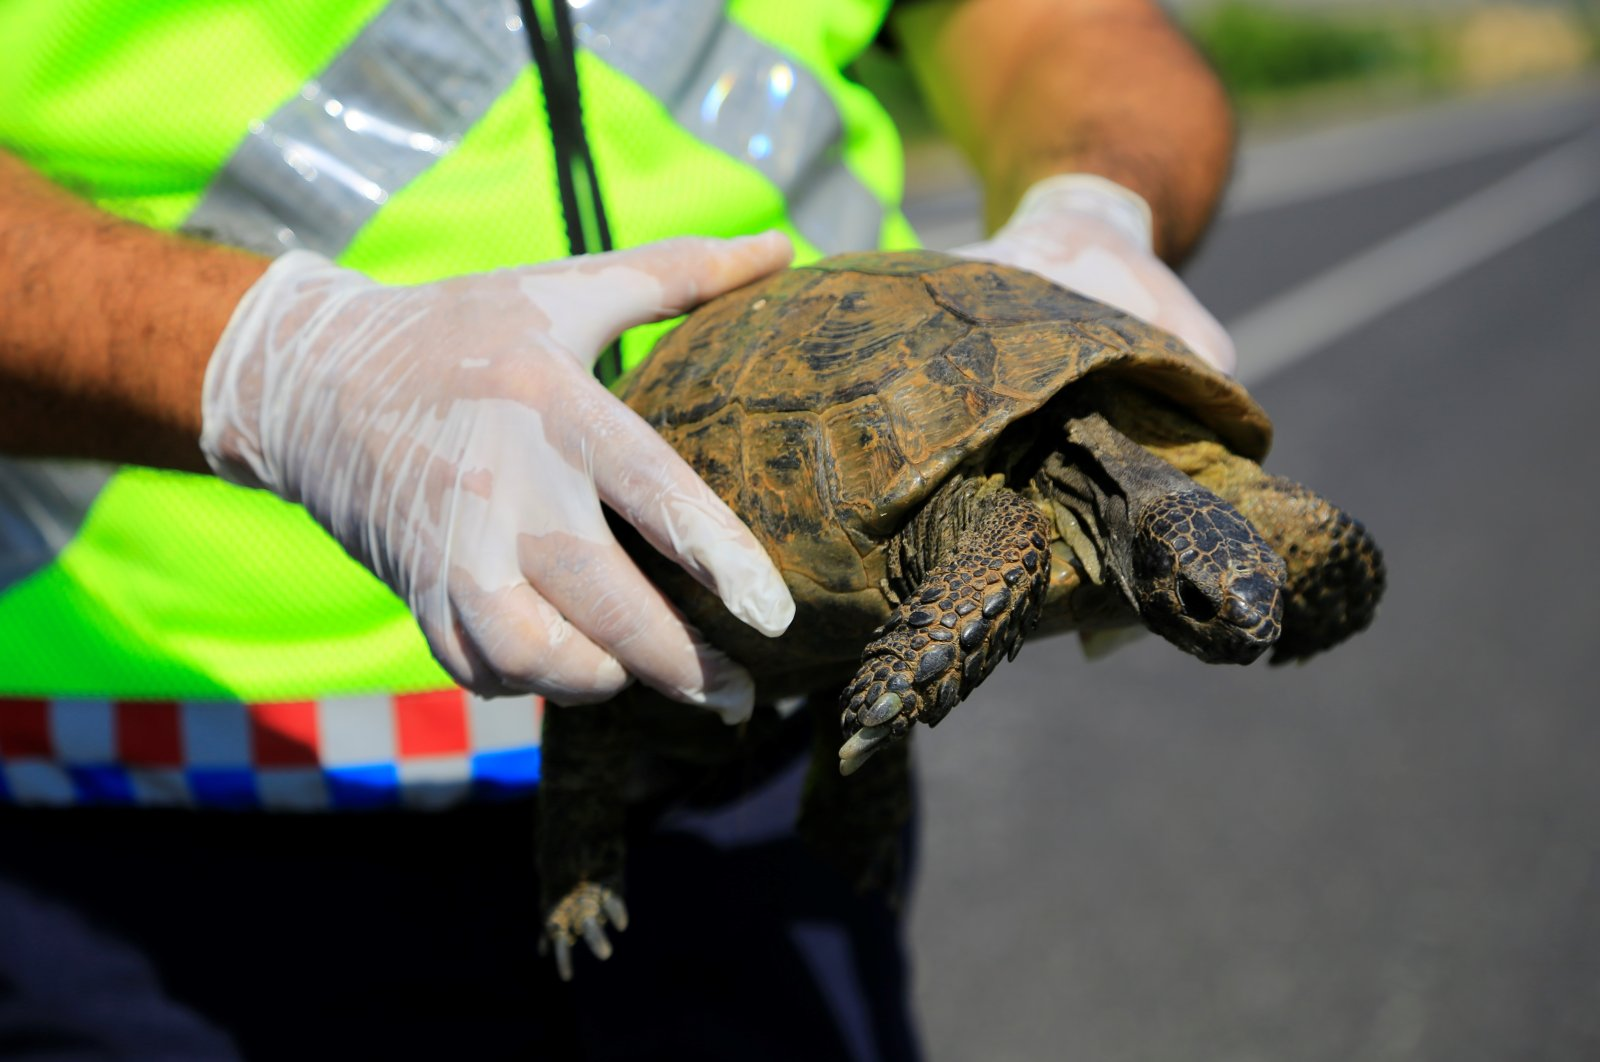 A gendarmerie officer helps a tortoise in Elazığ, Turkey, July 9, 2020. (IHA Photo)